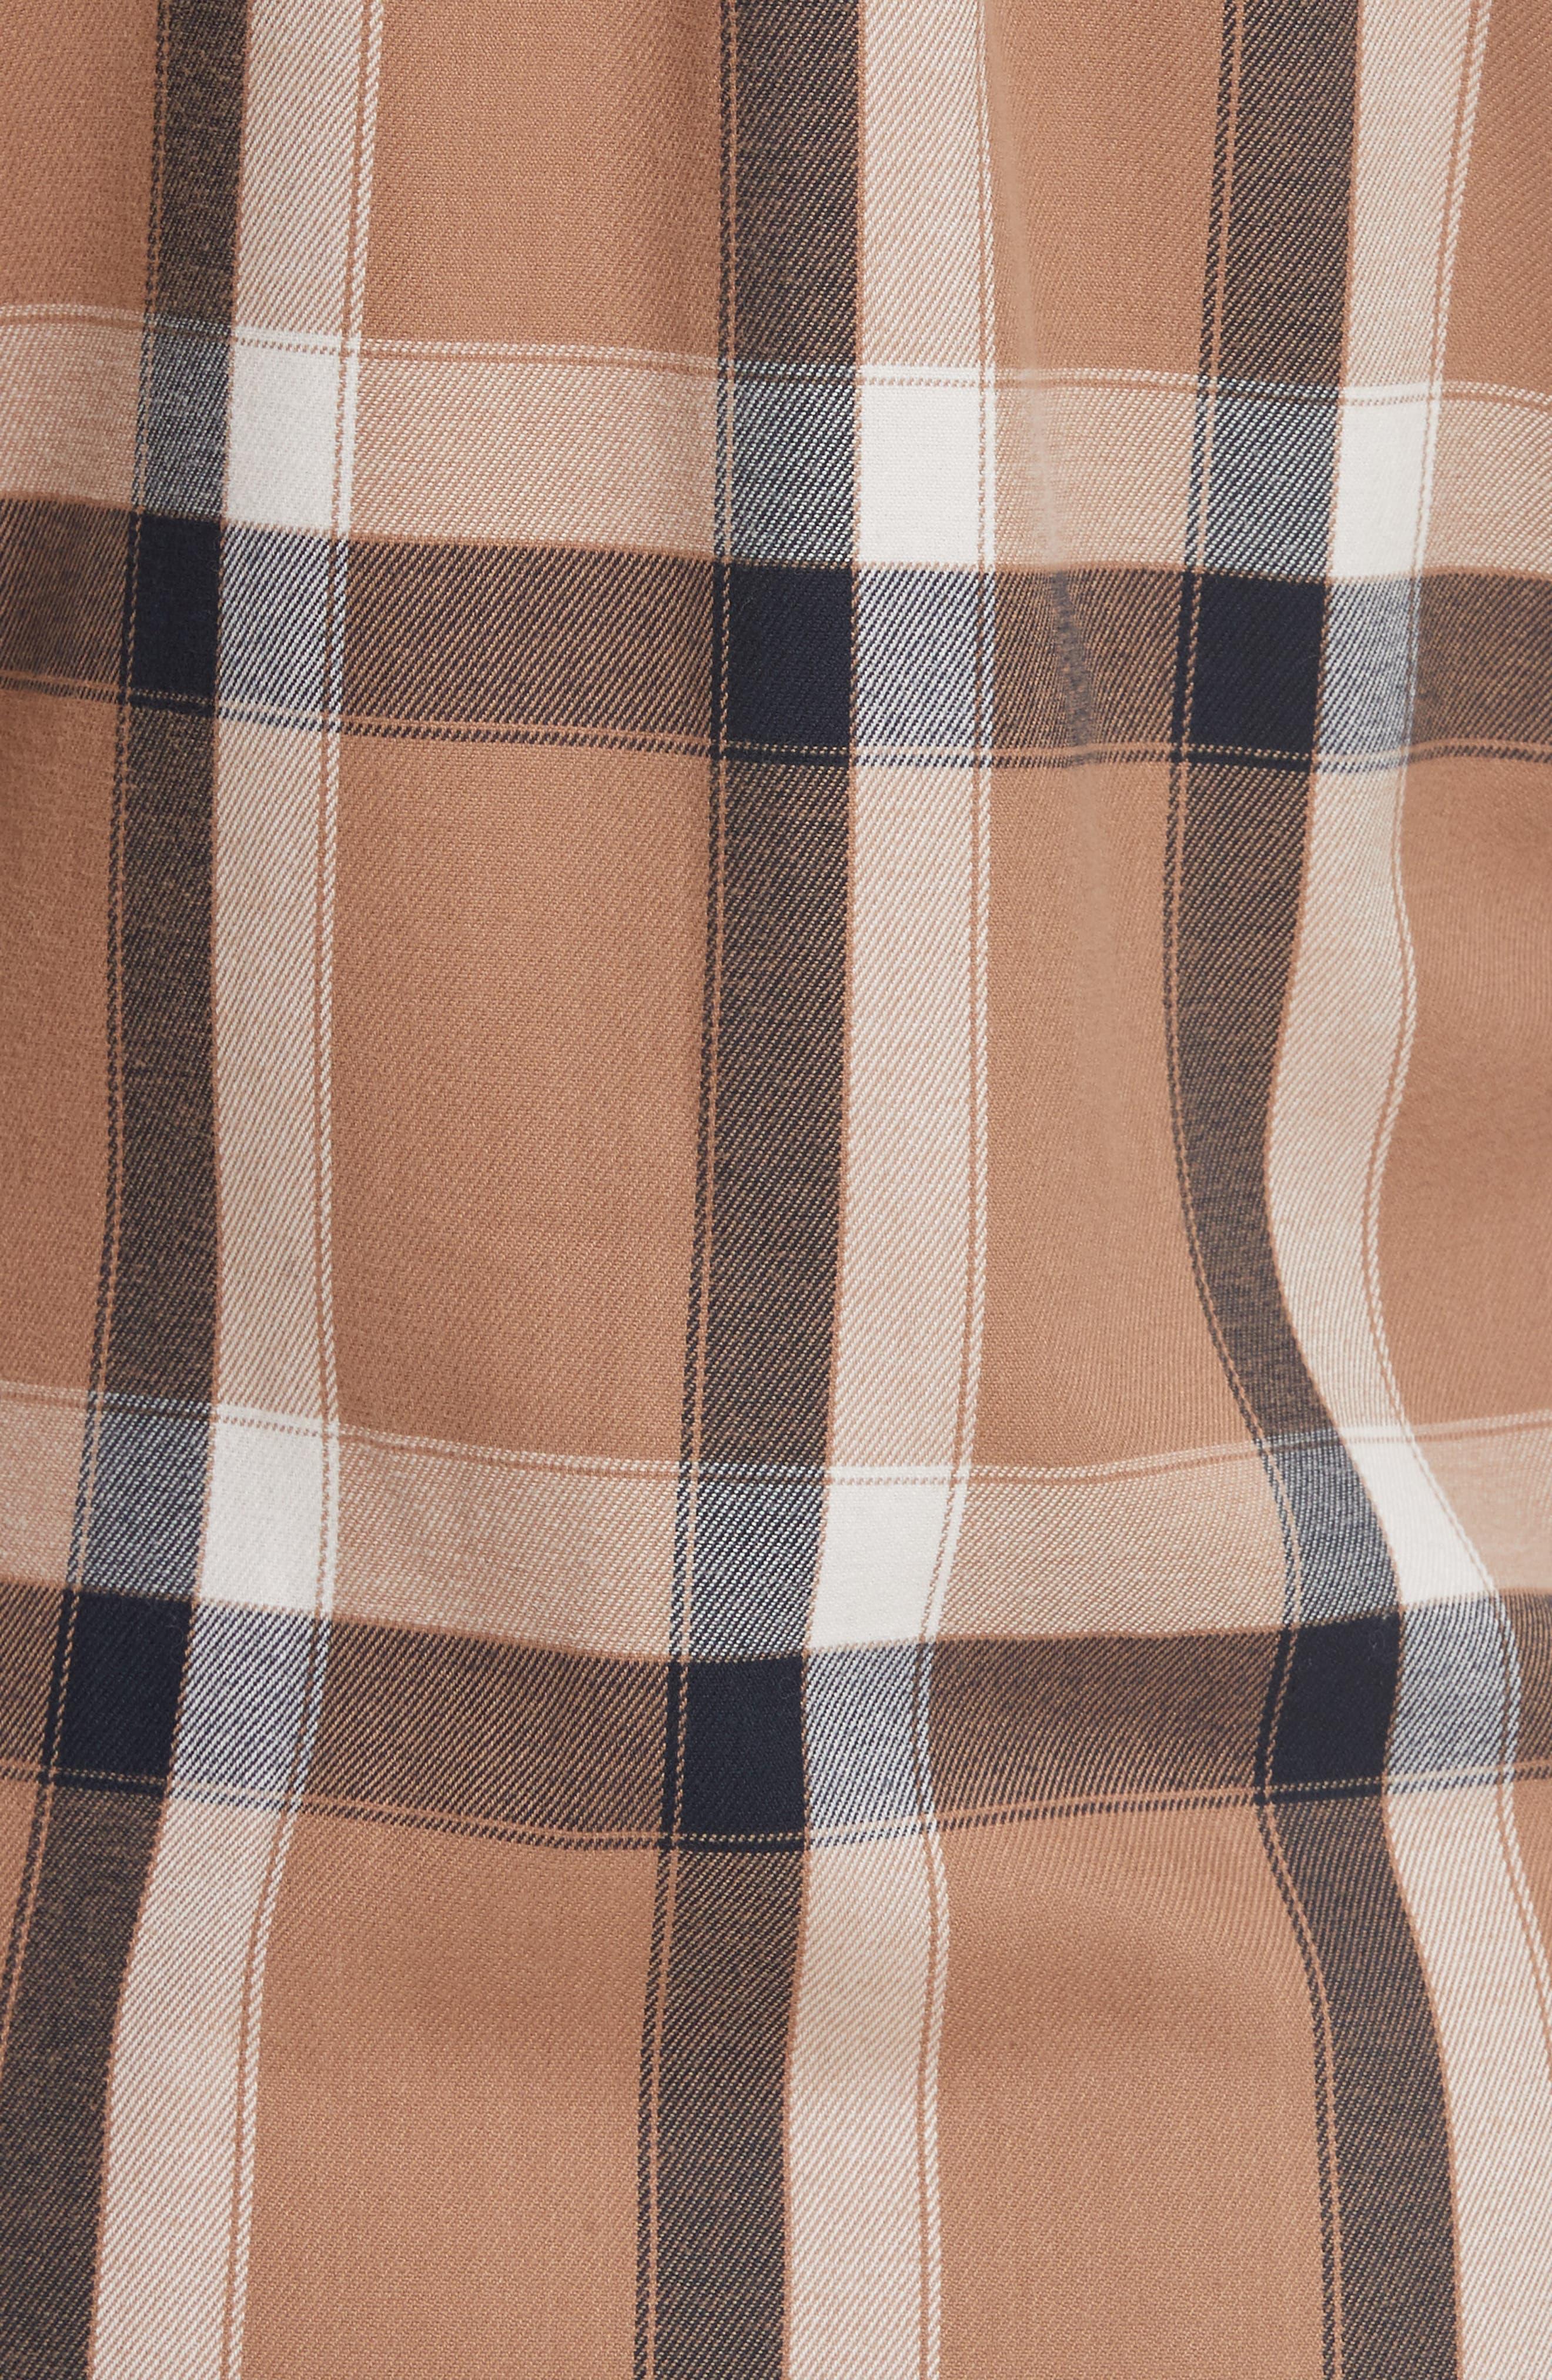 Plaid Tie Waist Dress,                             Alternate thumbnail 5, color,                             200